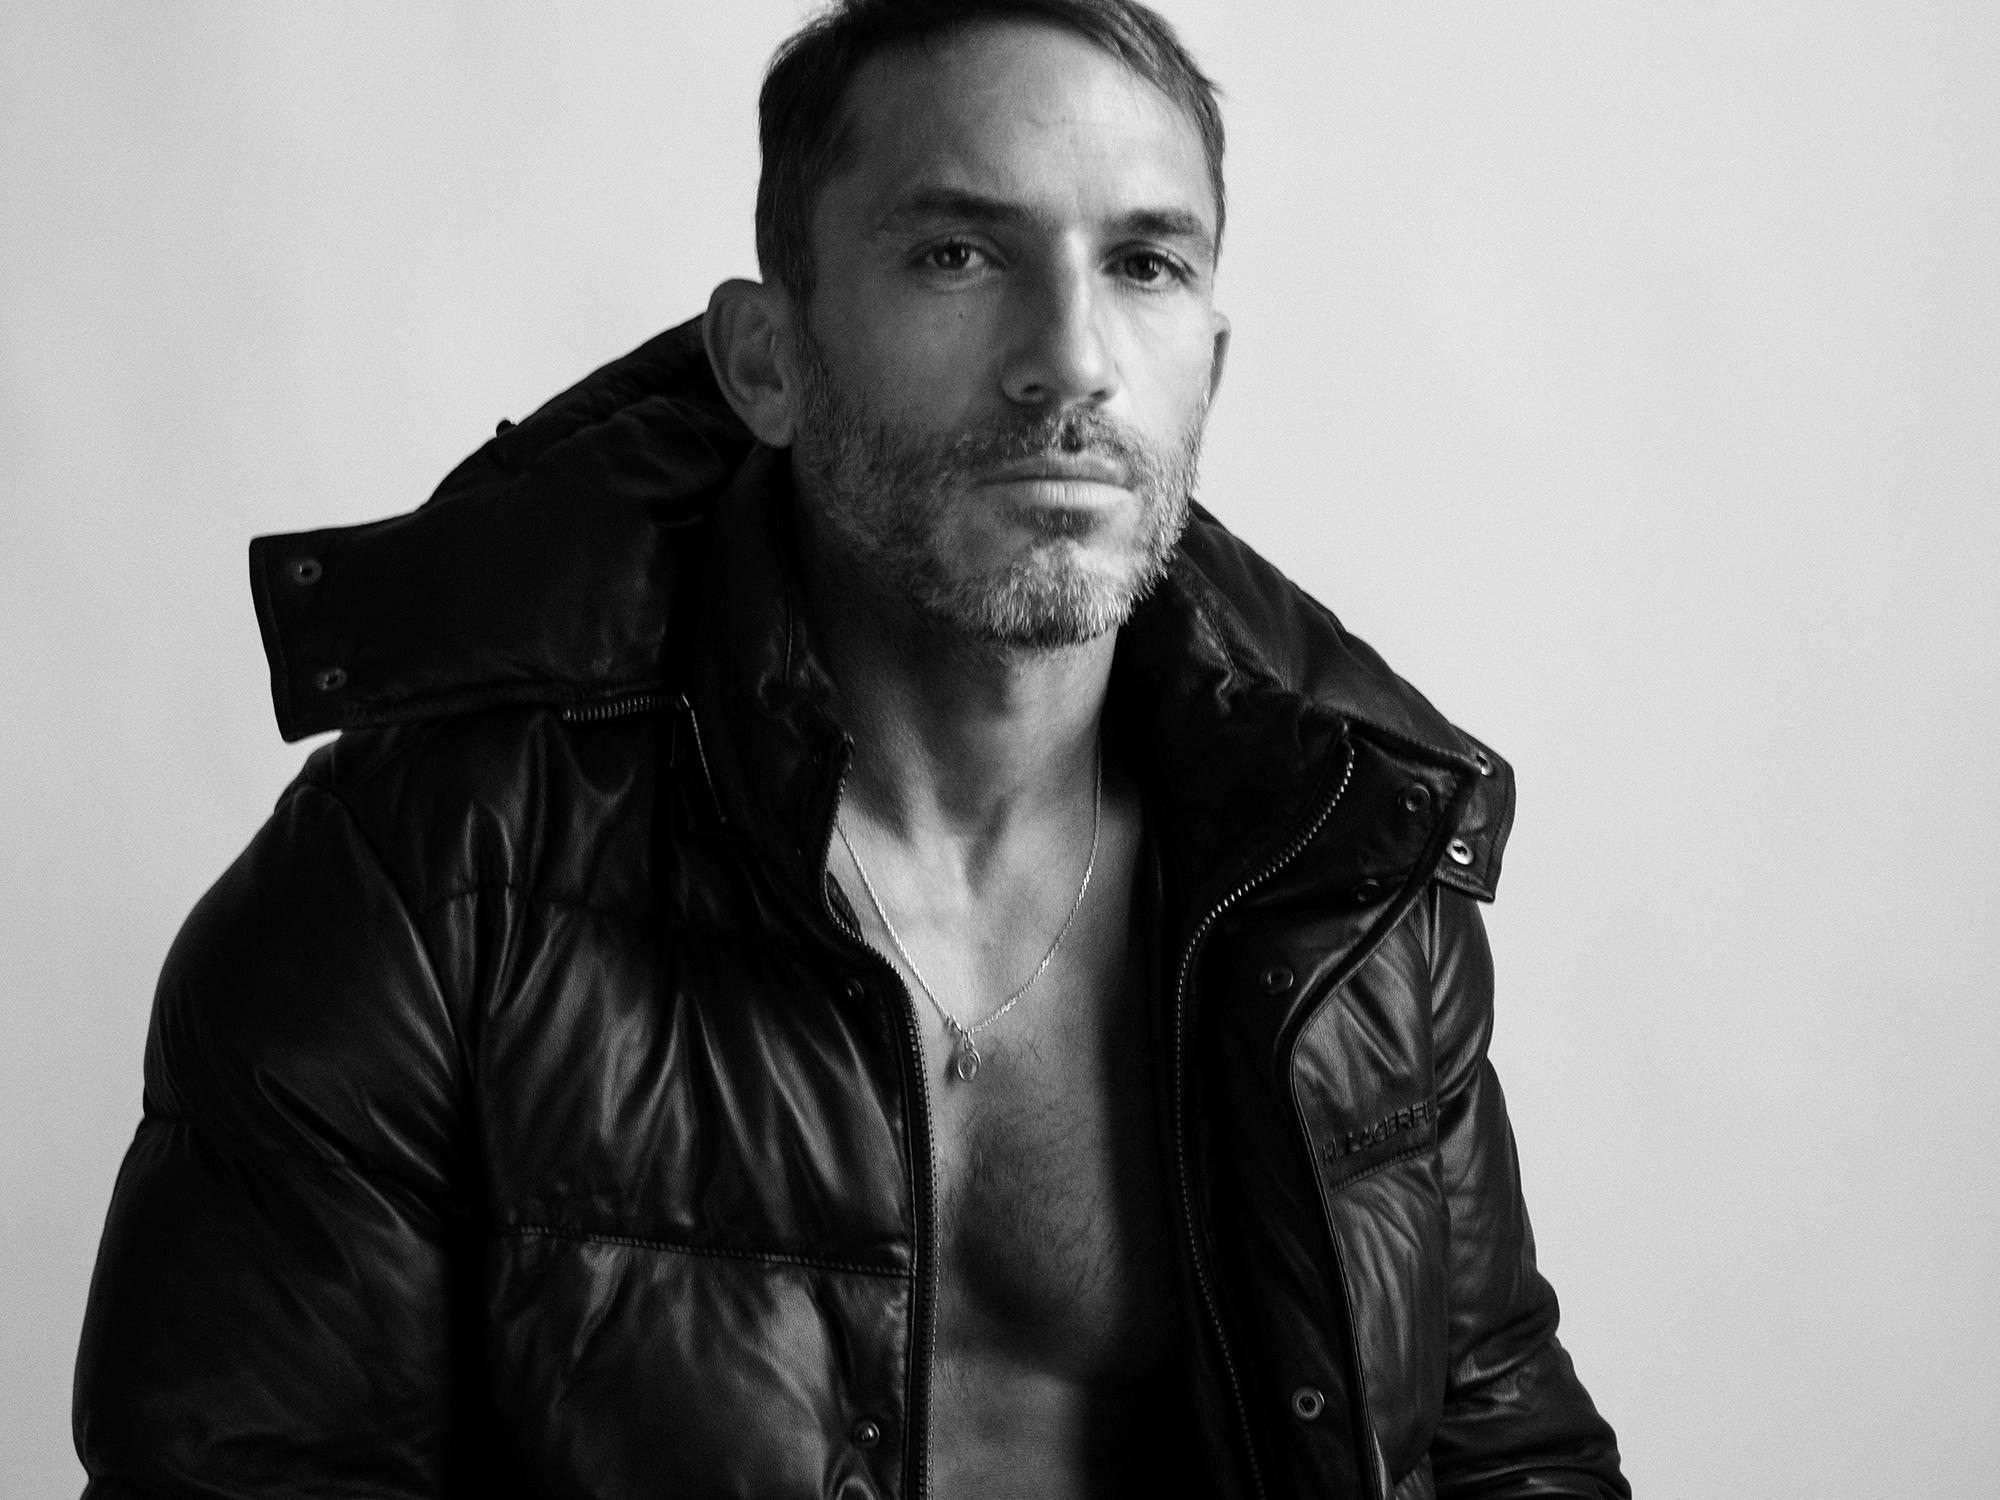 Sébastien Jondeau, blouson Karl Lagerfeld, ©Buonomo & Cometti